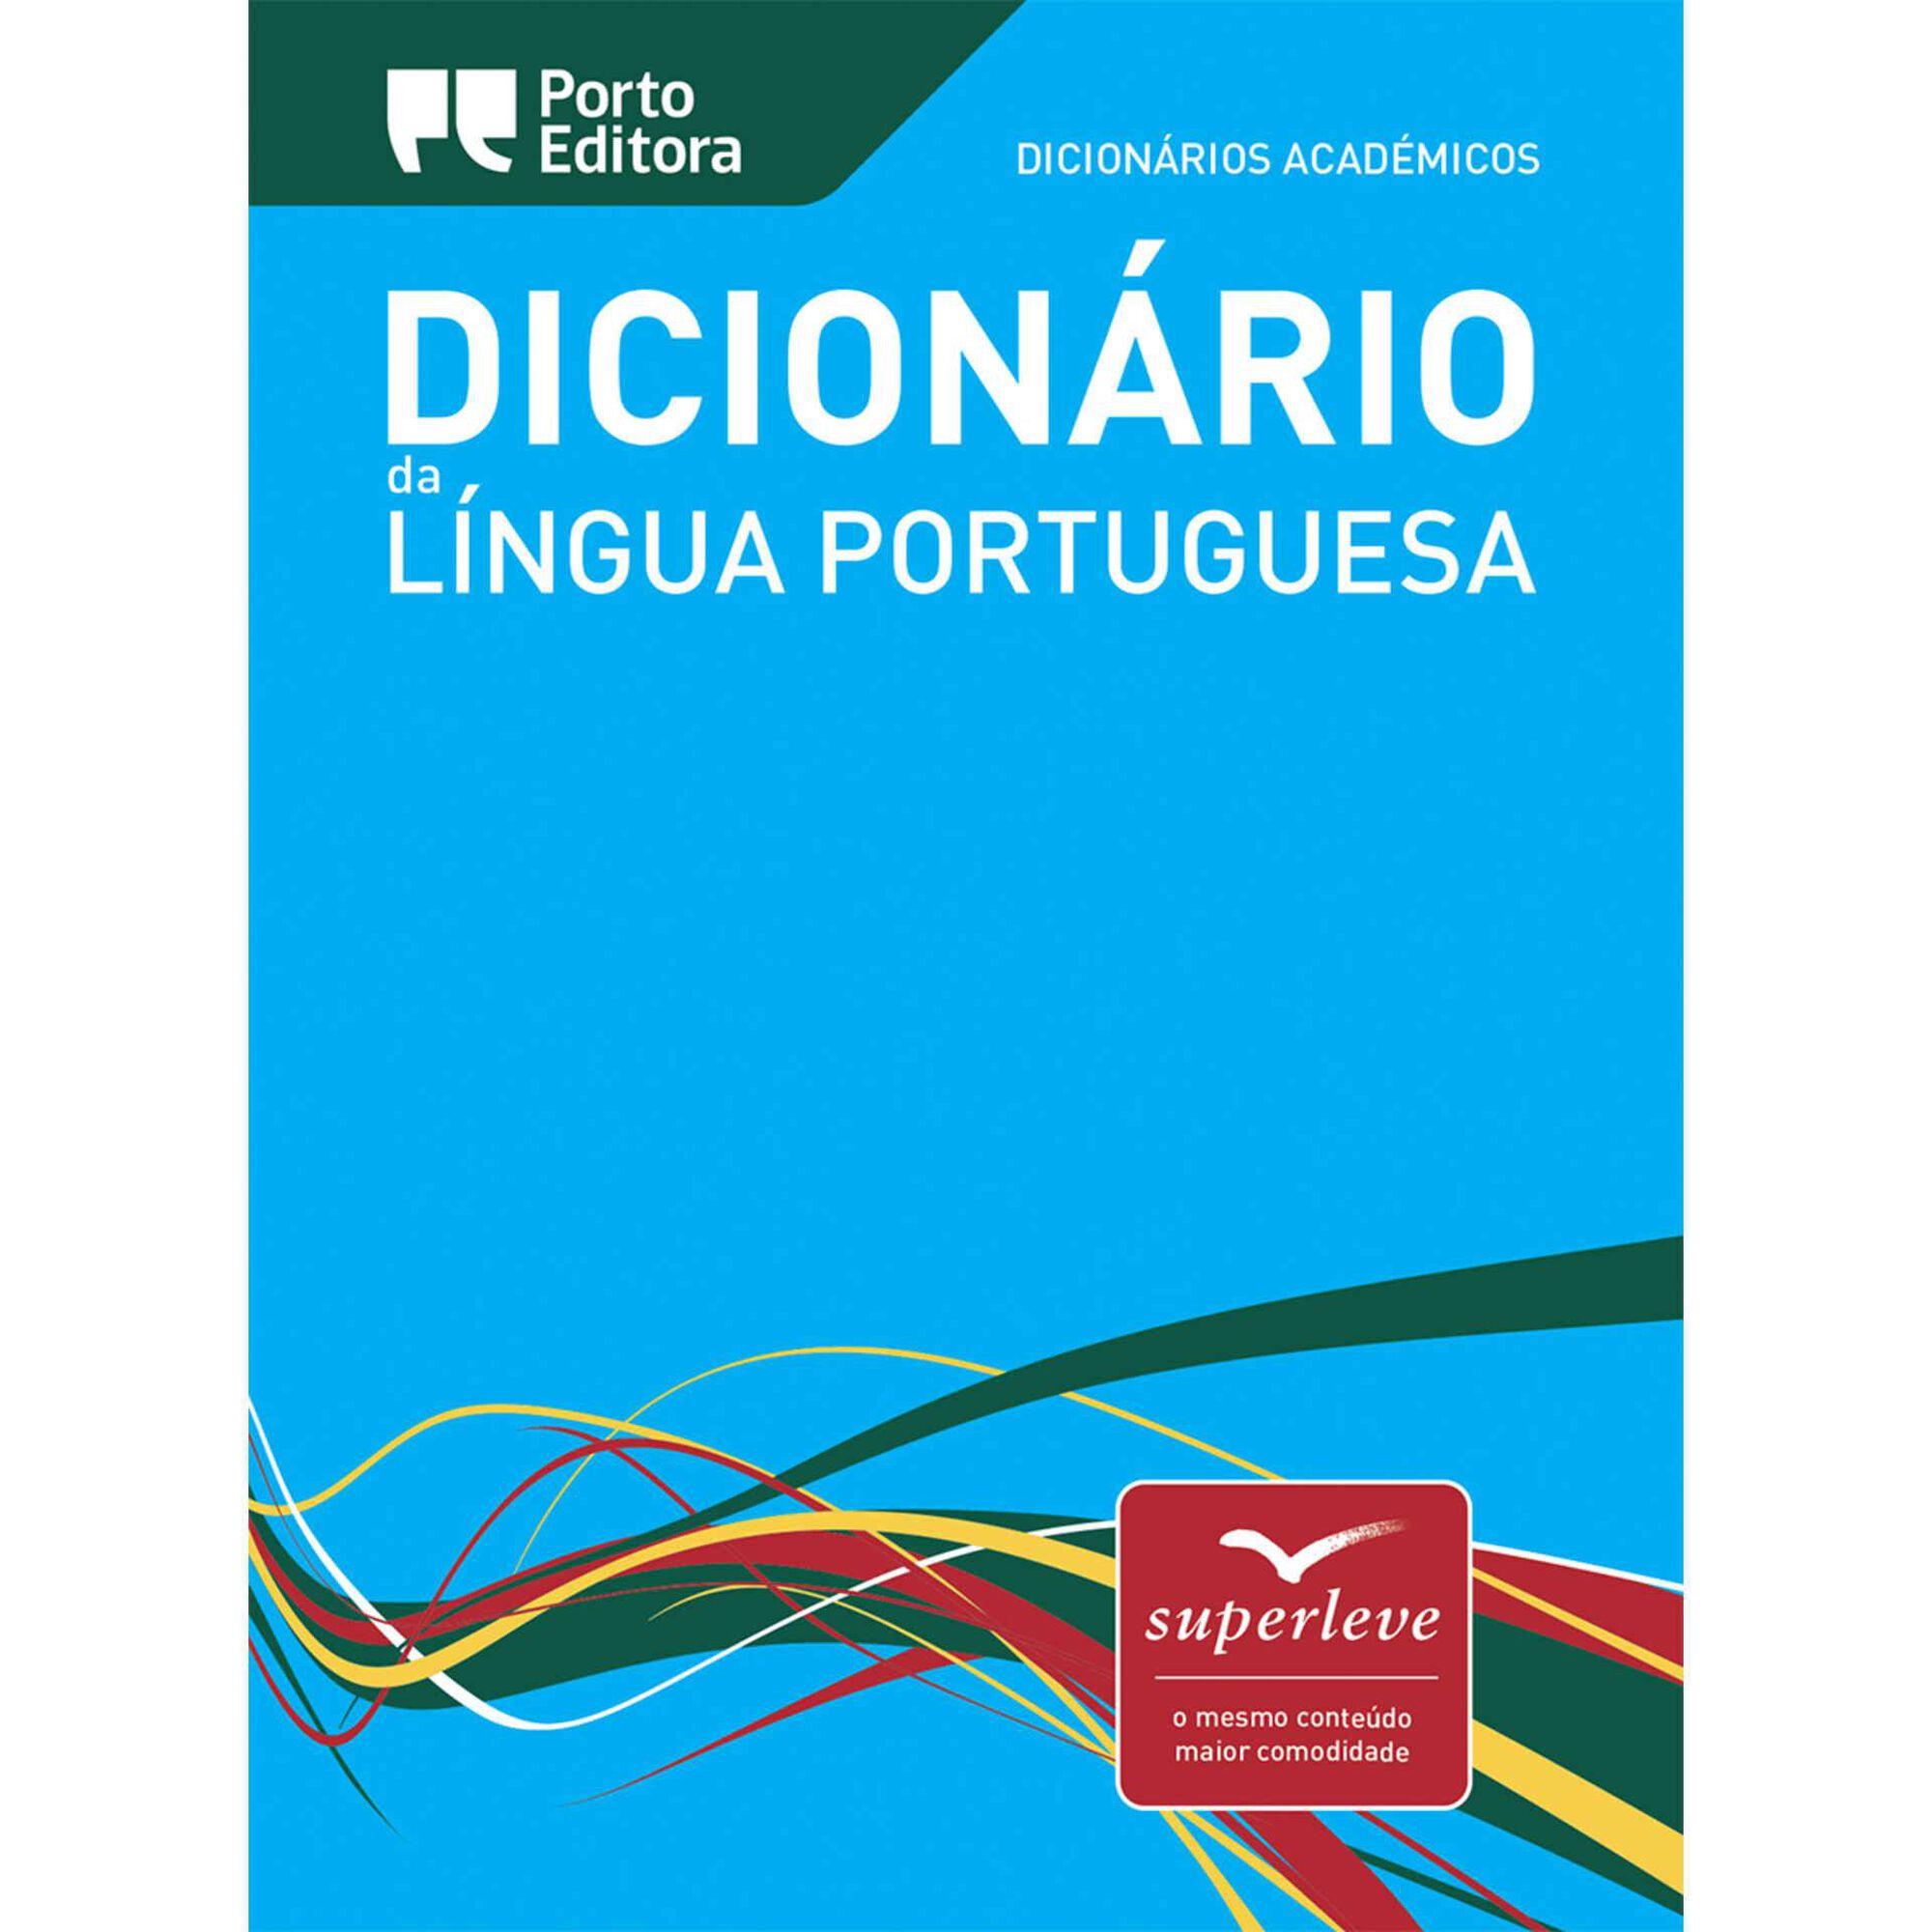 Dicionário Académico Língua Portuguesa